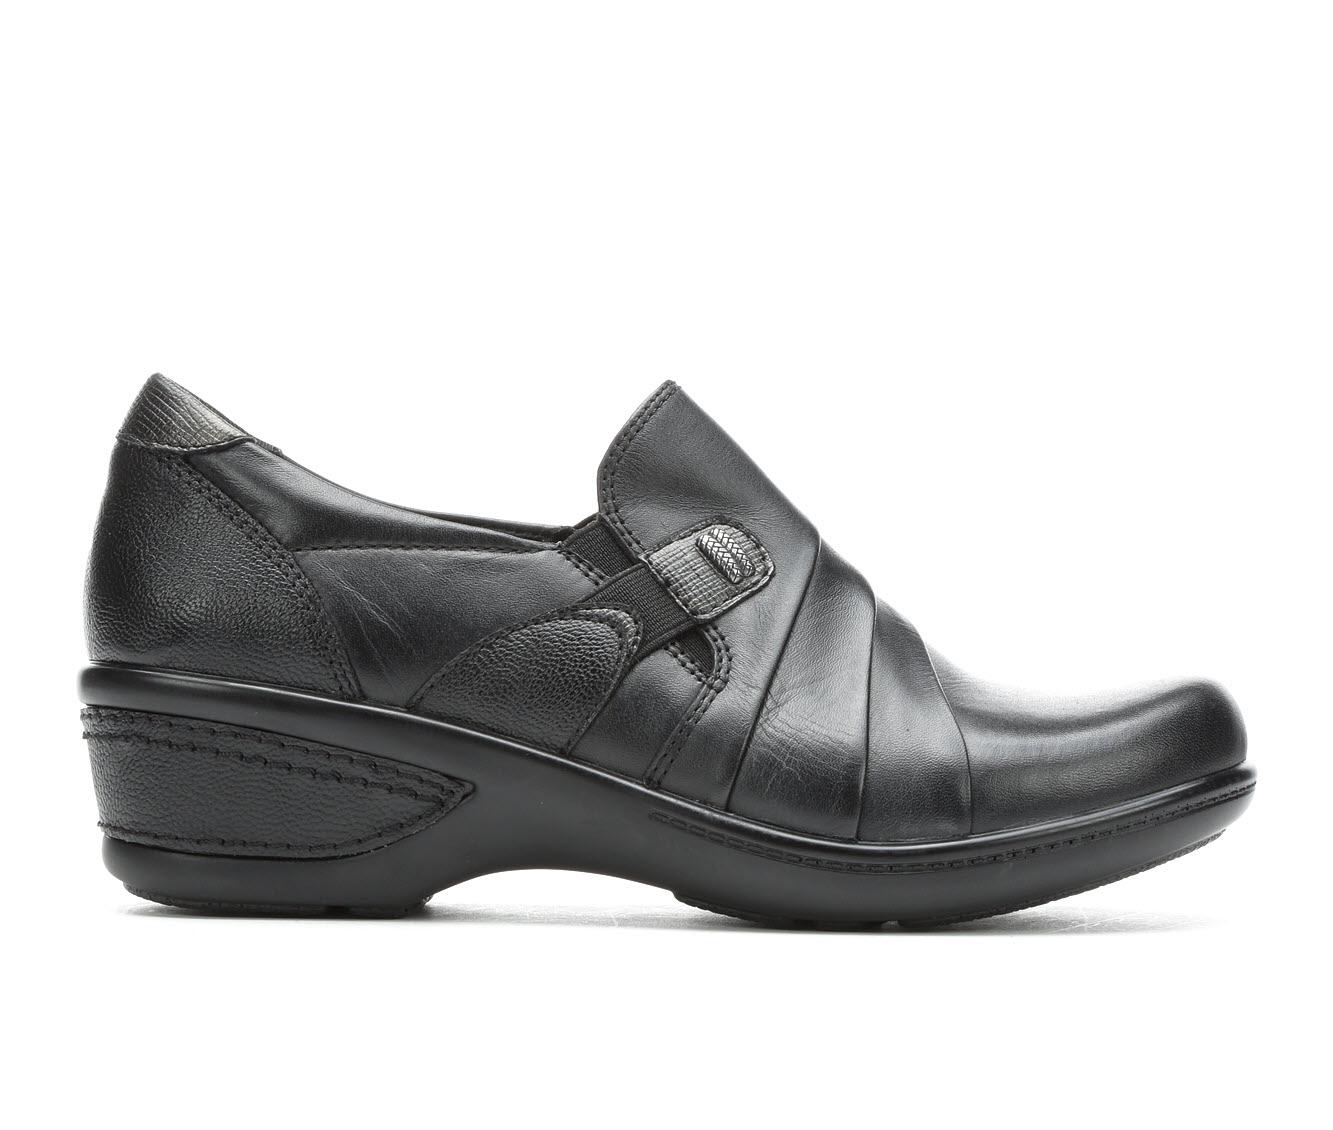 Earth Origins Fay Women's Shoe (Black Leather)